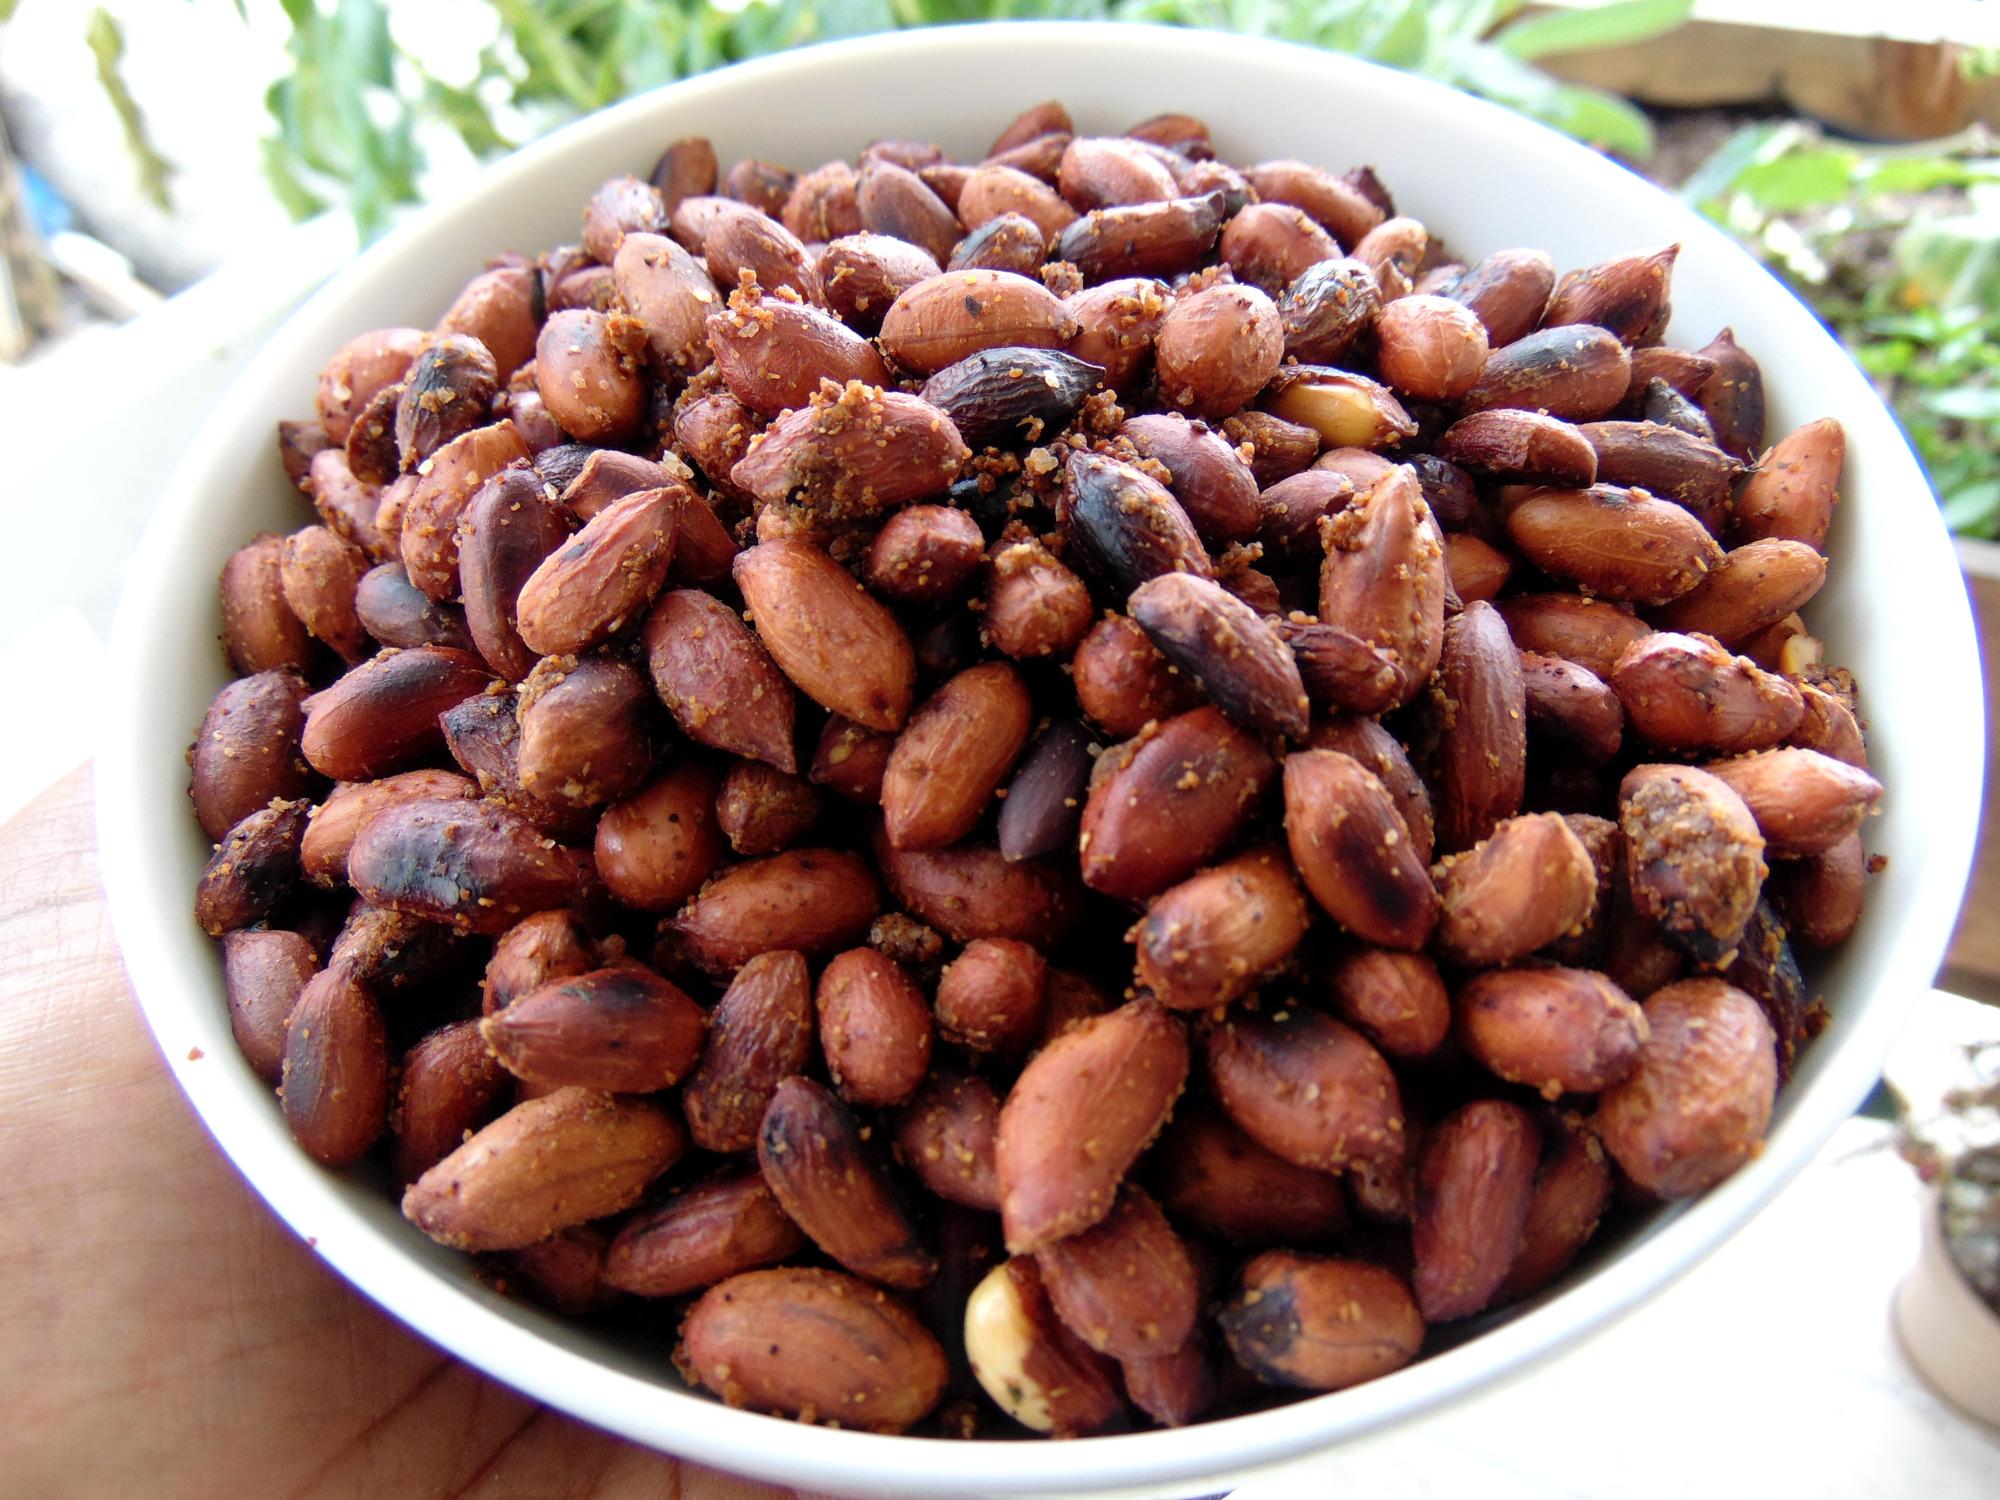 Spicy Roasted Peanuts - PrincessTafadzwa